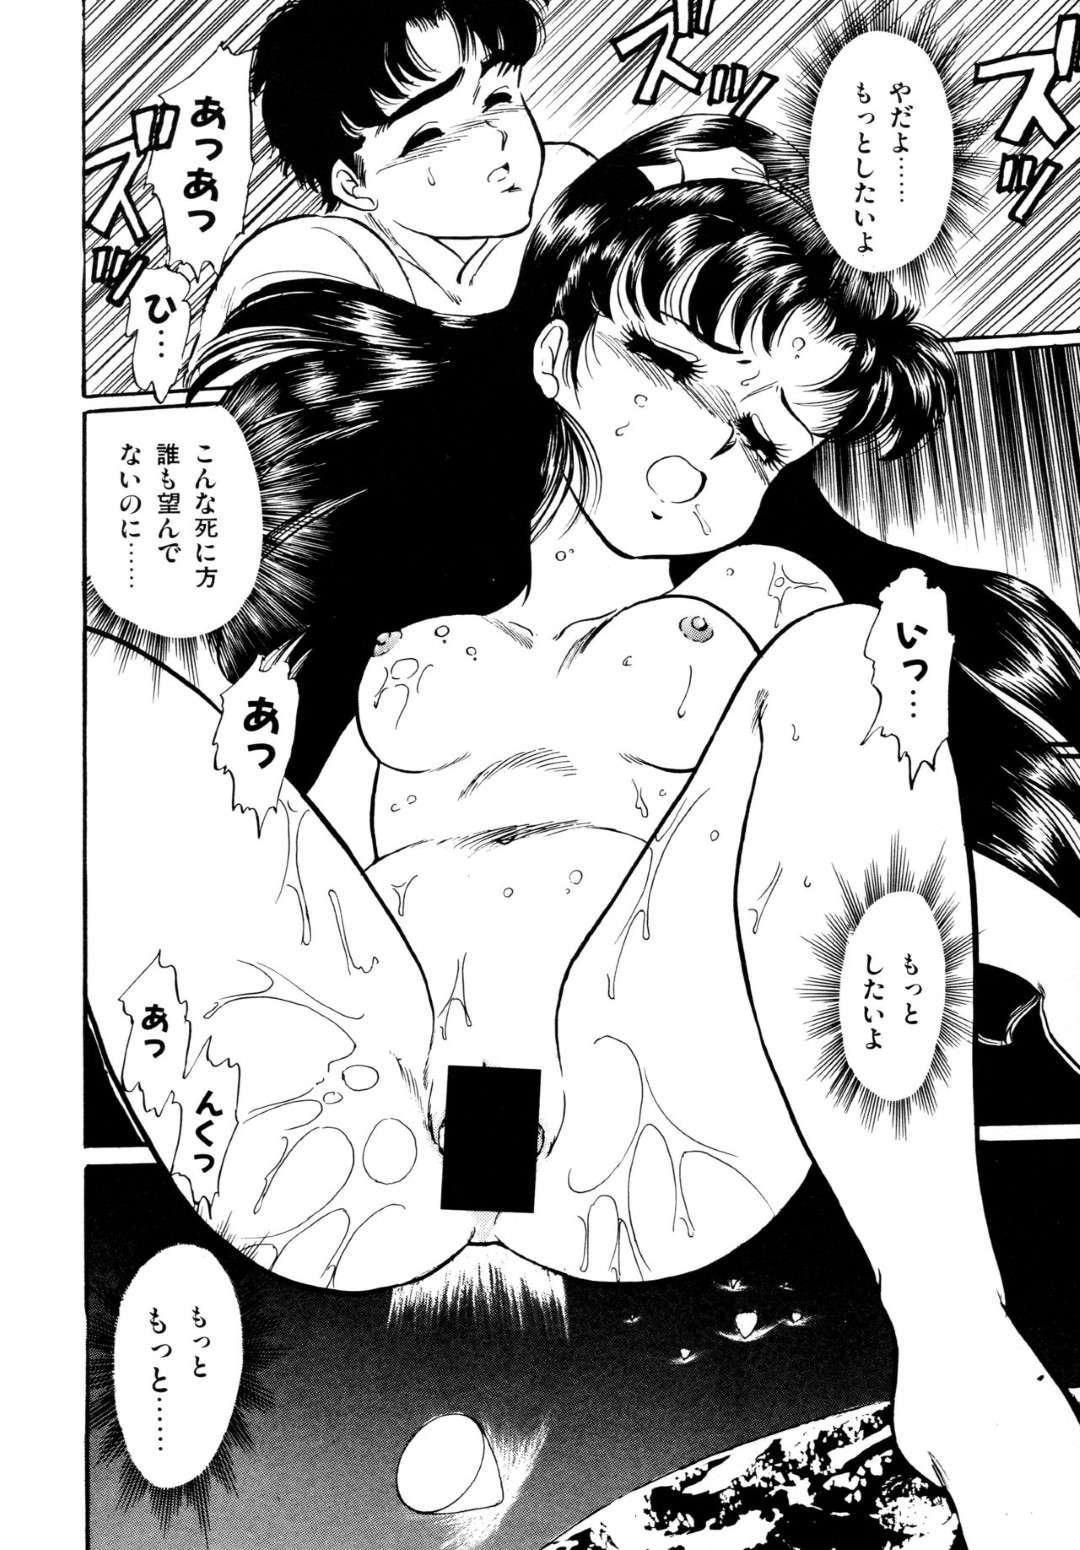 【エロ漫画】主人公に自らエッチを迫る清楚系JK…積極的になった彼女はフェラ抜きしたり、正常位でチンポを生挿入させてそのまま中出しさせたりする!【吉野志穂:リフレイン】